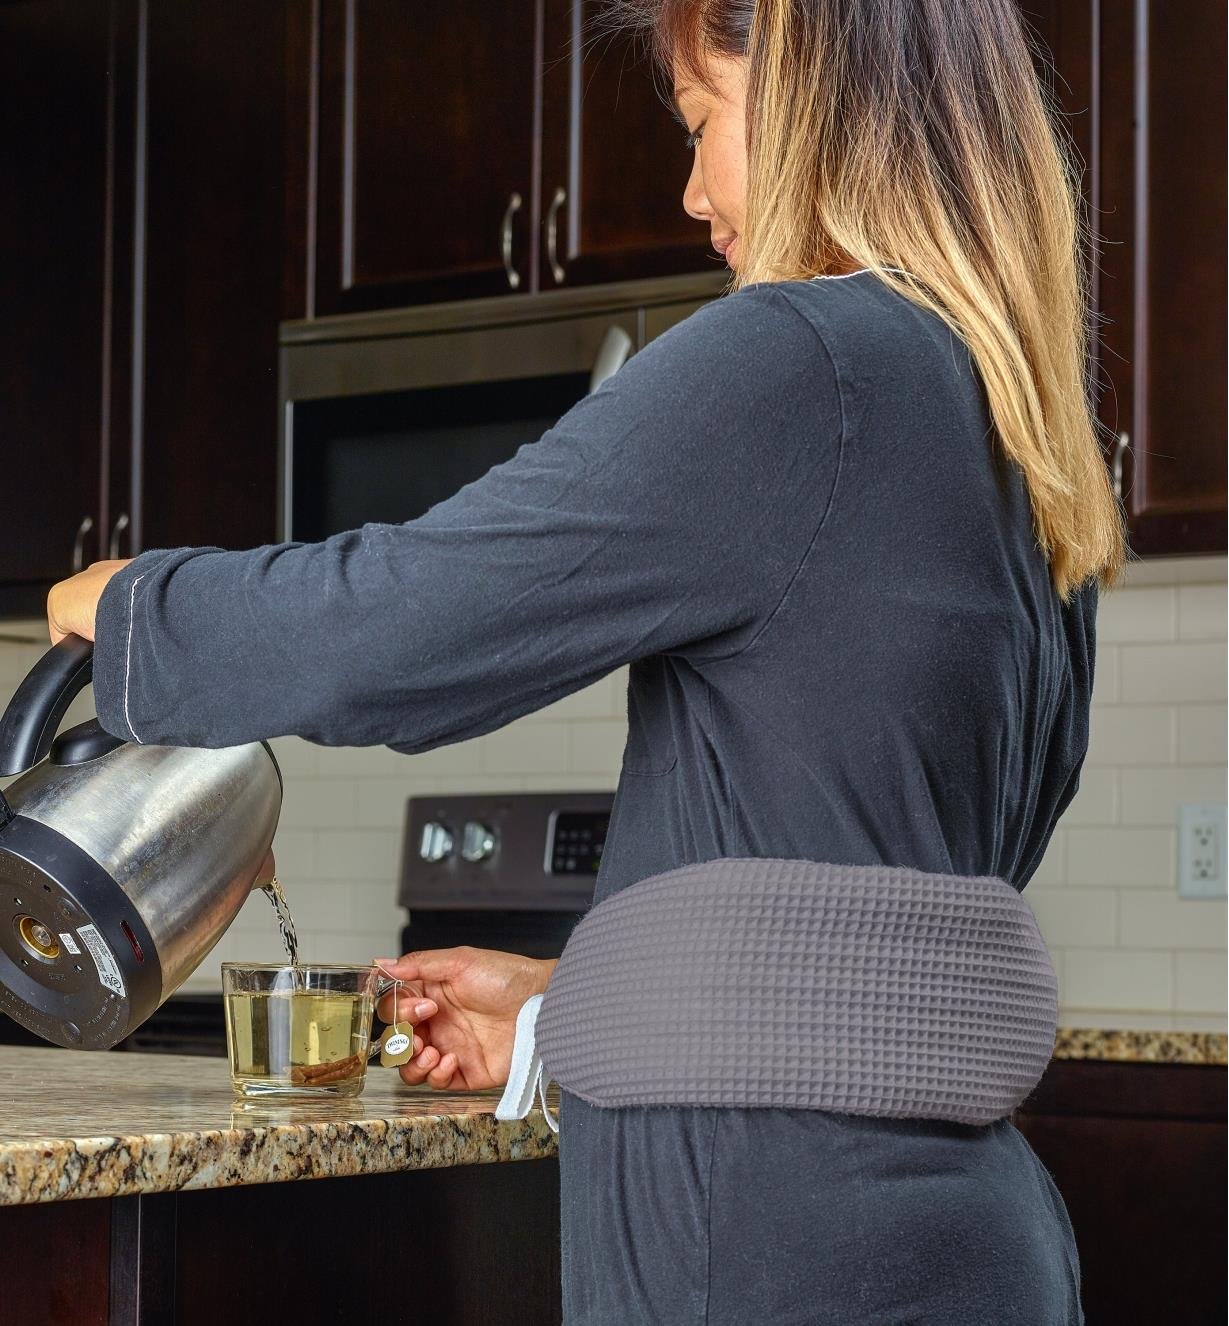 Femme portant une bouillotte longue autour de la taille pendant qu'elle prépare du thé dans la cuisine